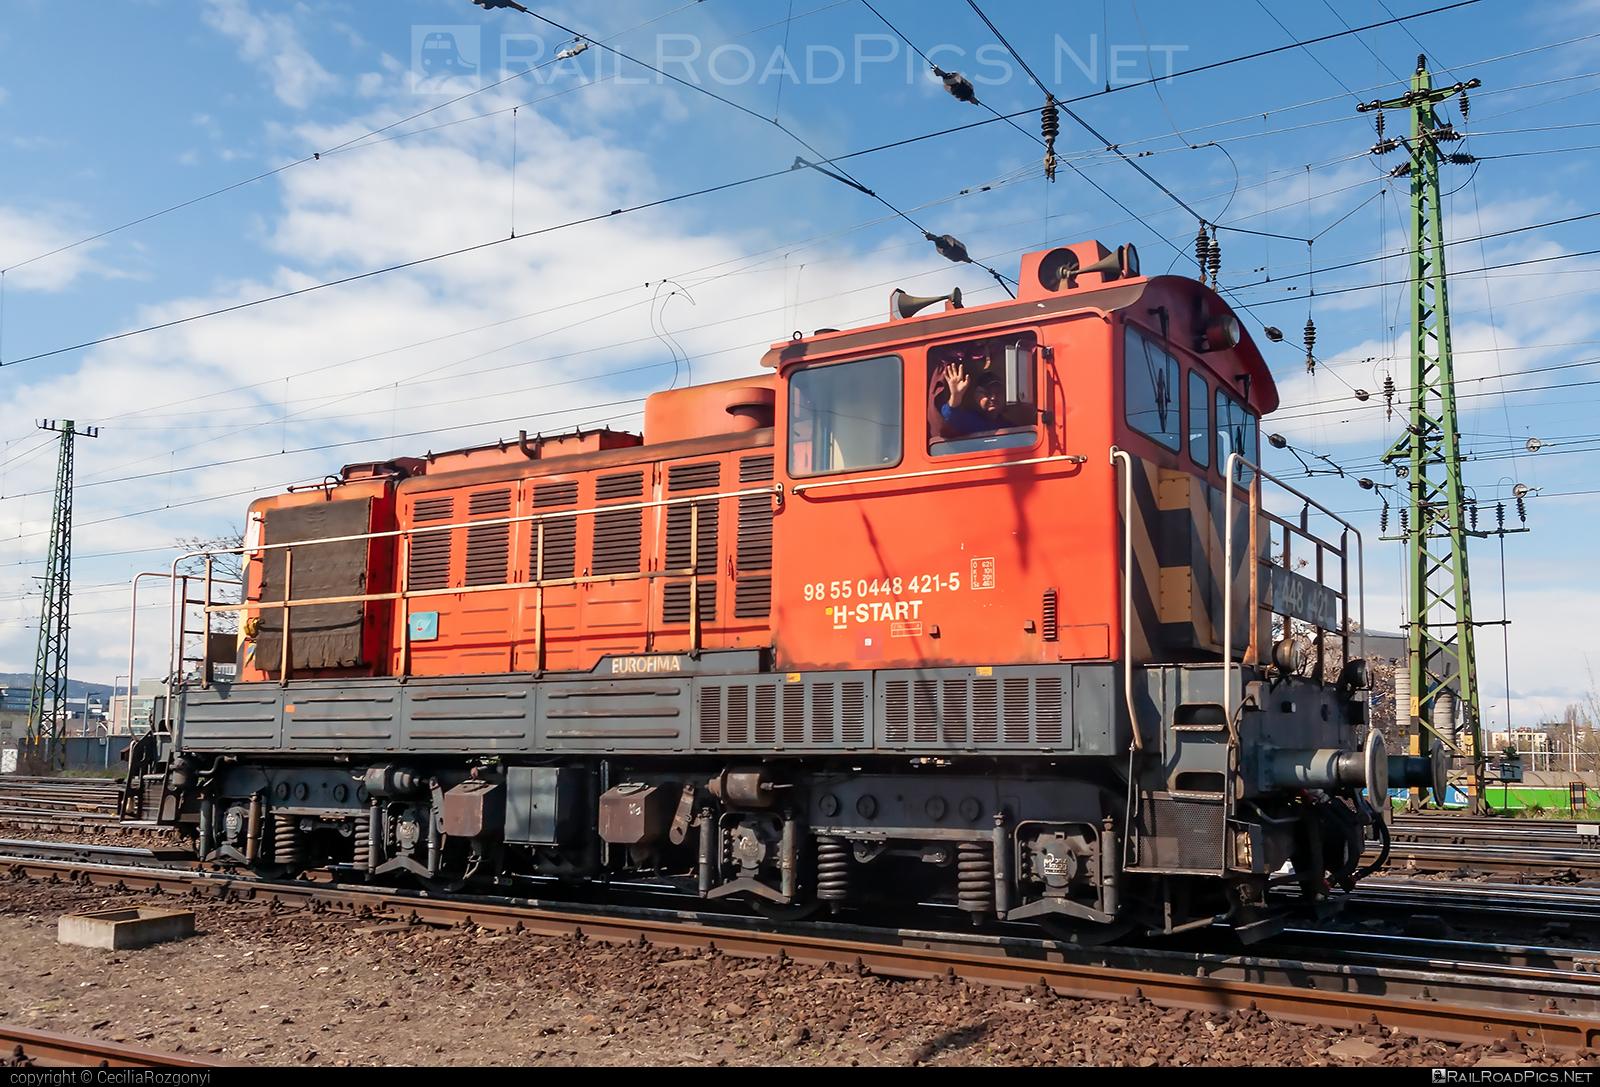 Ganz-MÁVAG DVM2-23 - 448 421 operated by MÁV-START ZRt. #dvm2 #dvm223 #ganzmavag #ganzmavagdvm2 #ganzmavagdvm223 #mav #mavstart #mavstartzrt